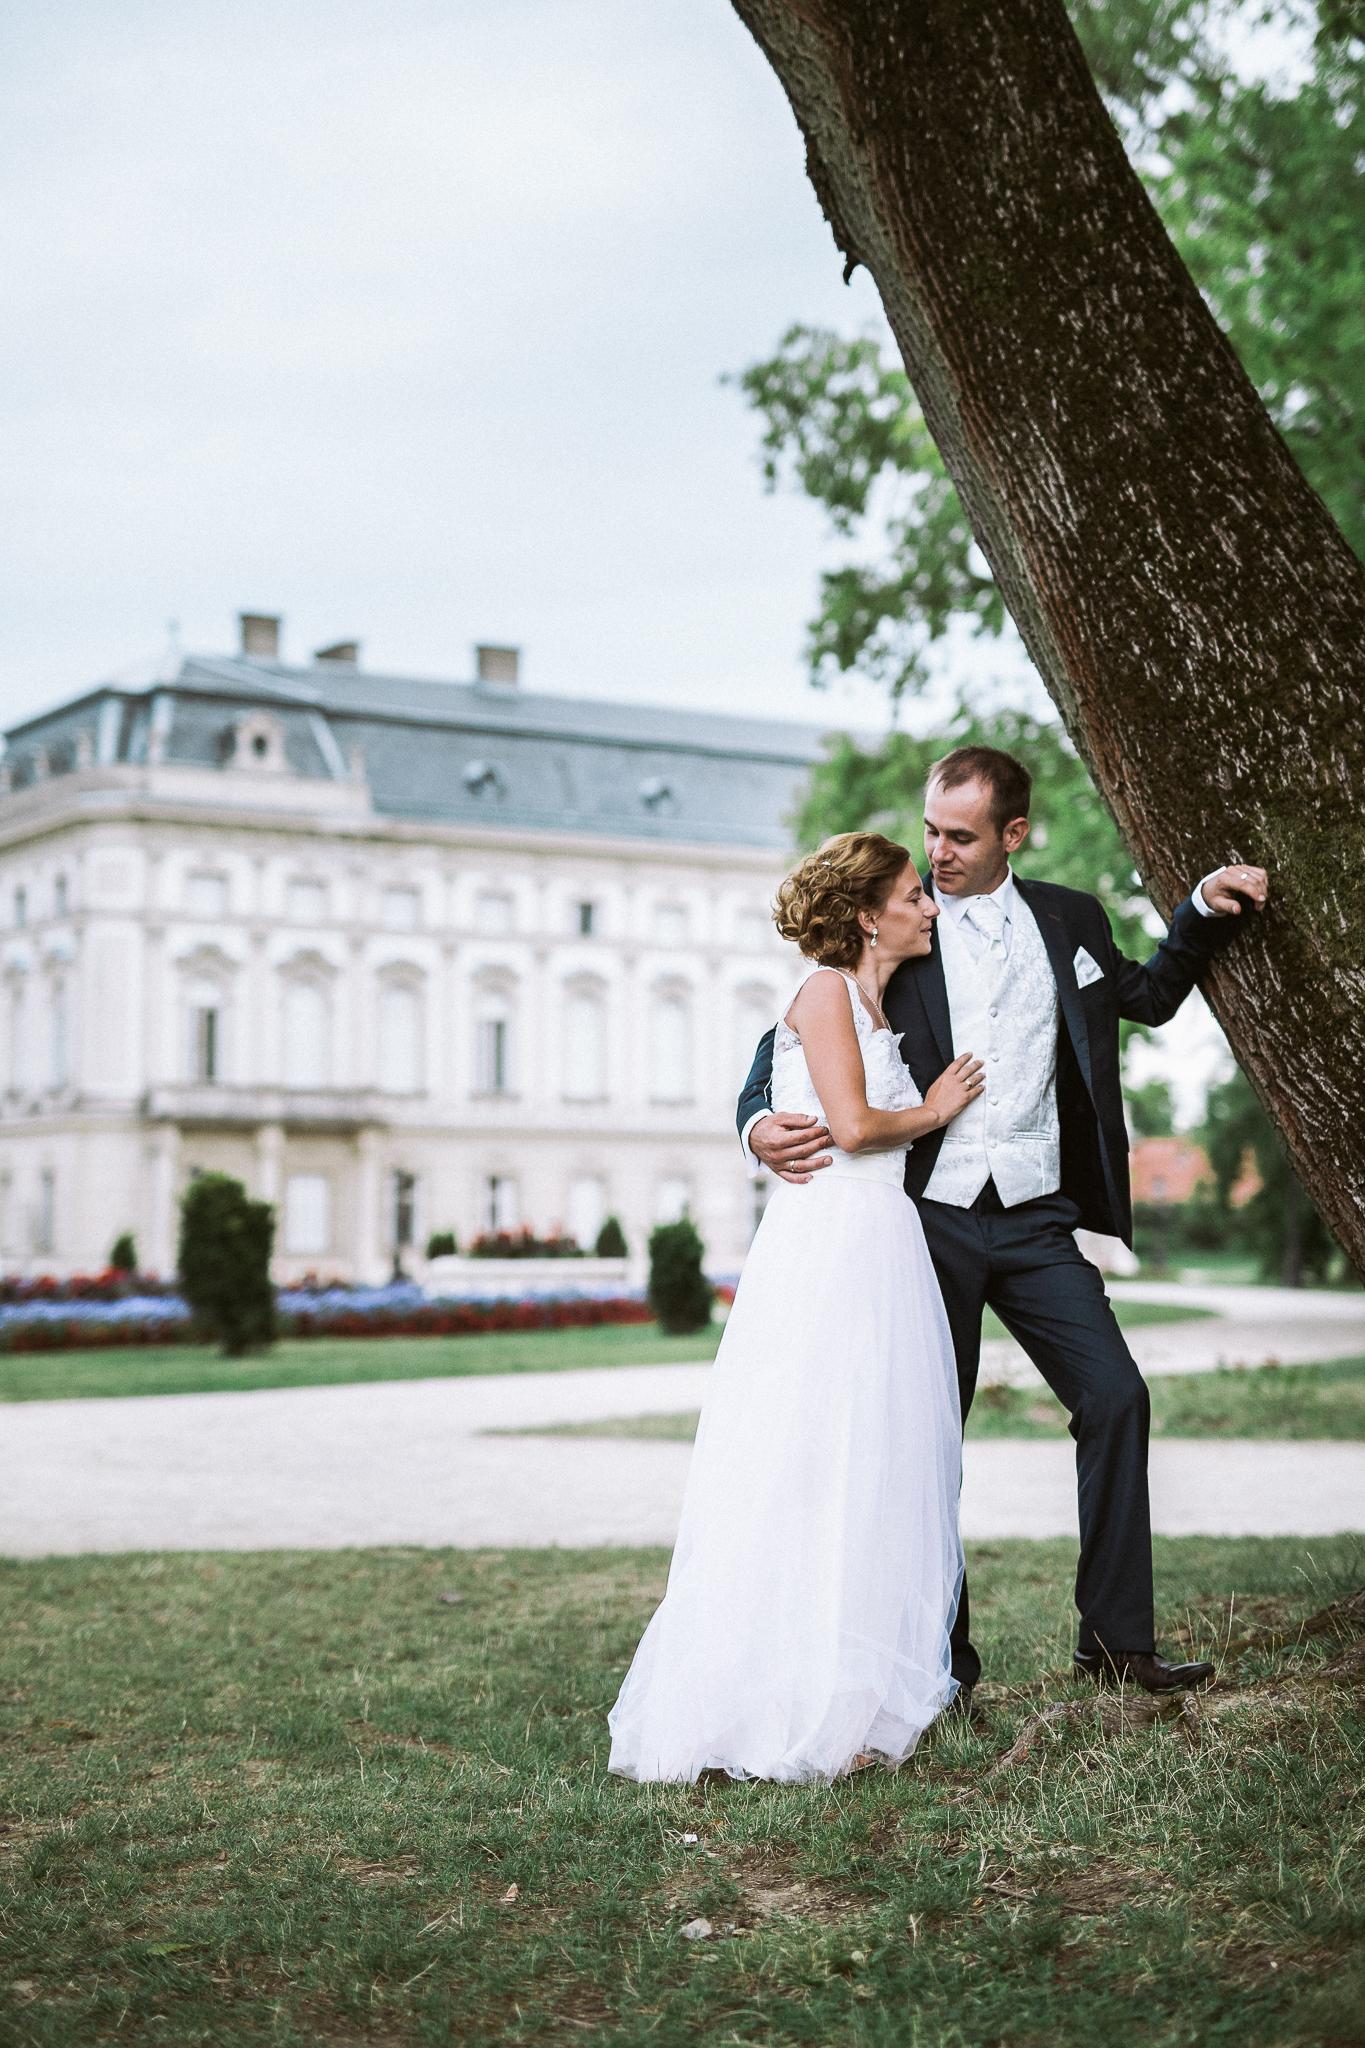 FylepPhoto, esküvőfotós, esküvői fotós Körmend, Szombathely, esküvőfotózás, magyarország, vas megye, prémium, jegyesfotózás, Fülöp Péter, körmend, kreatív, fotográfus_17-2.jpg